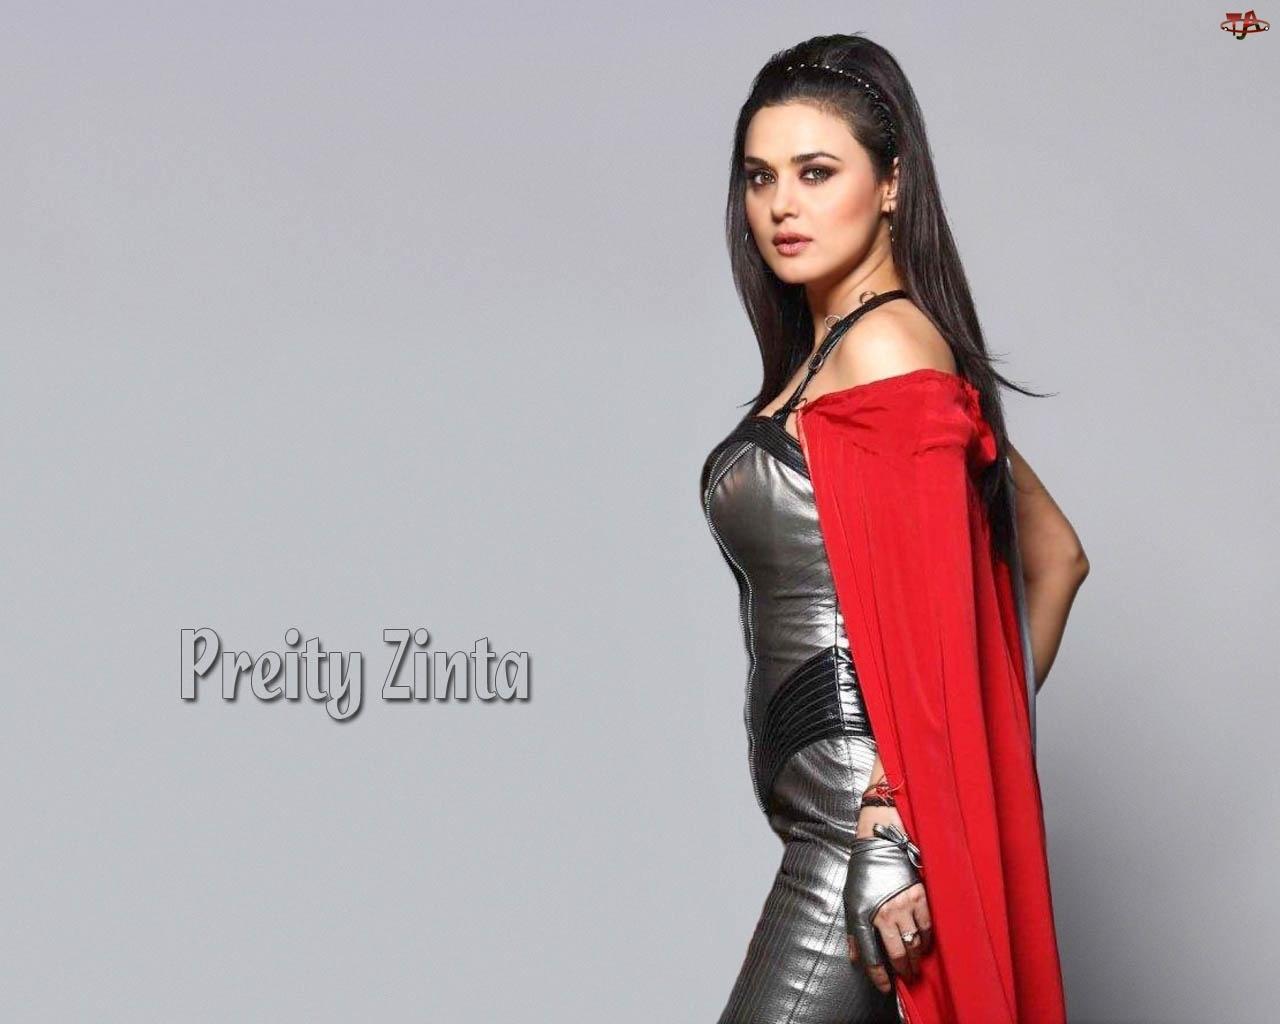 Aktorka, Płachta, Preity Zinta, Czerwona